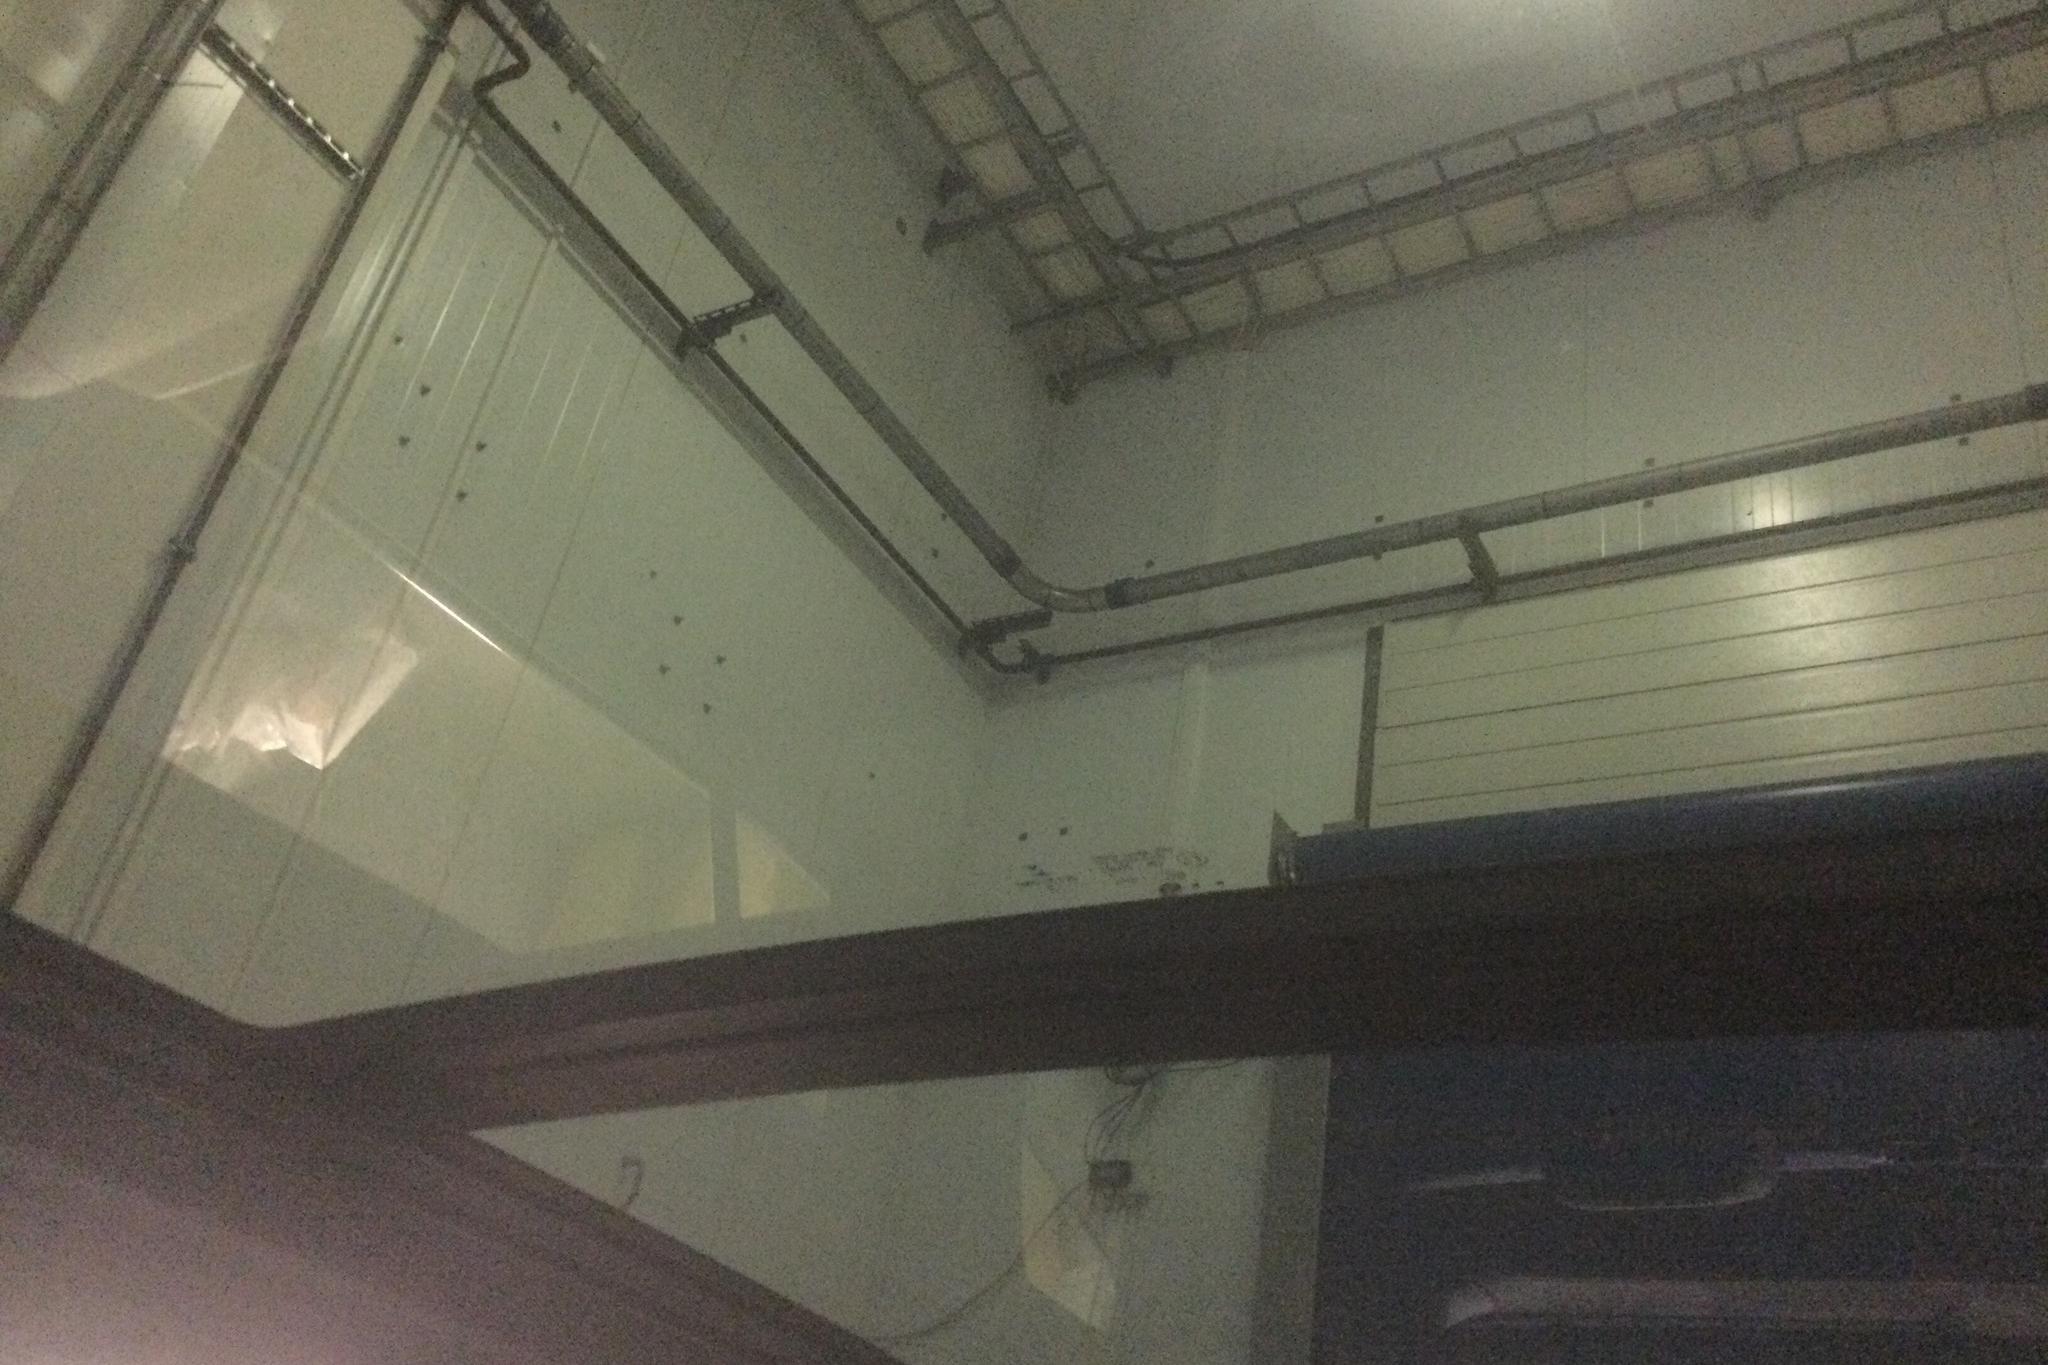 VW Tiguan Allspace 2.0 TDI 4MOTION (190hk) - 59 960 km - Automatic - black - 2018